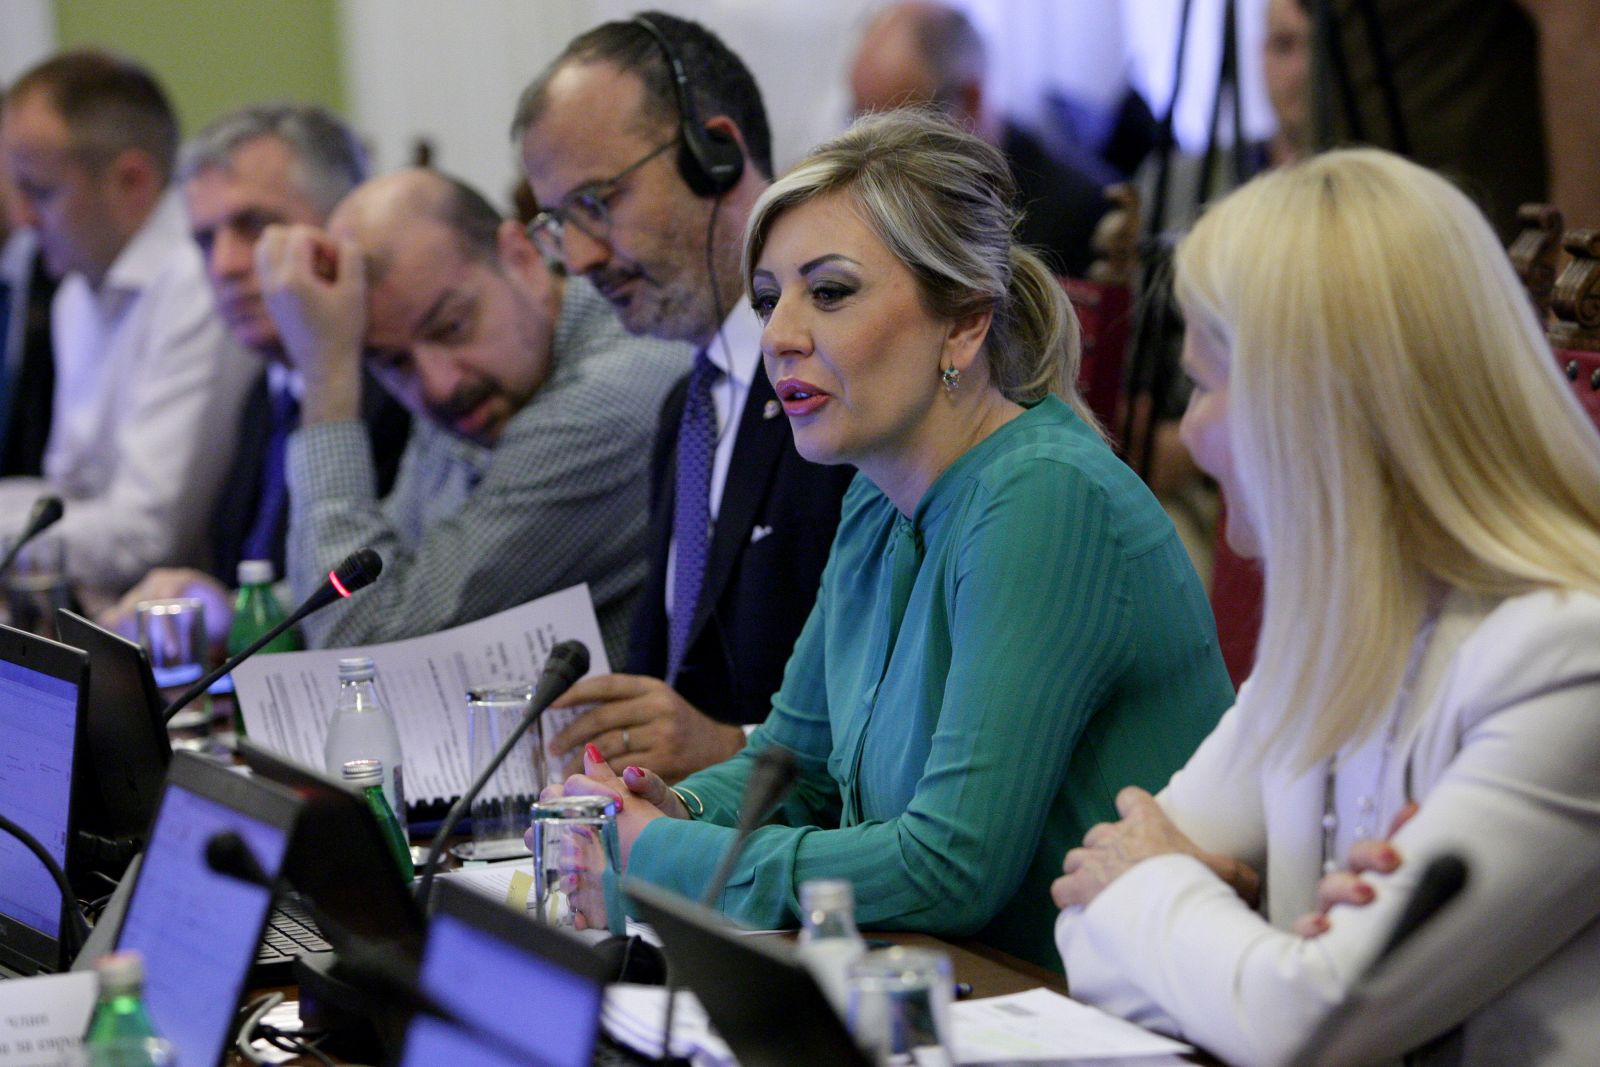 Ј. Јоксимовић: Извештај Европске комисије анализиран у свим институцијама